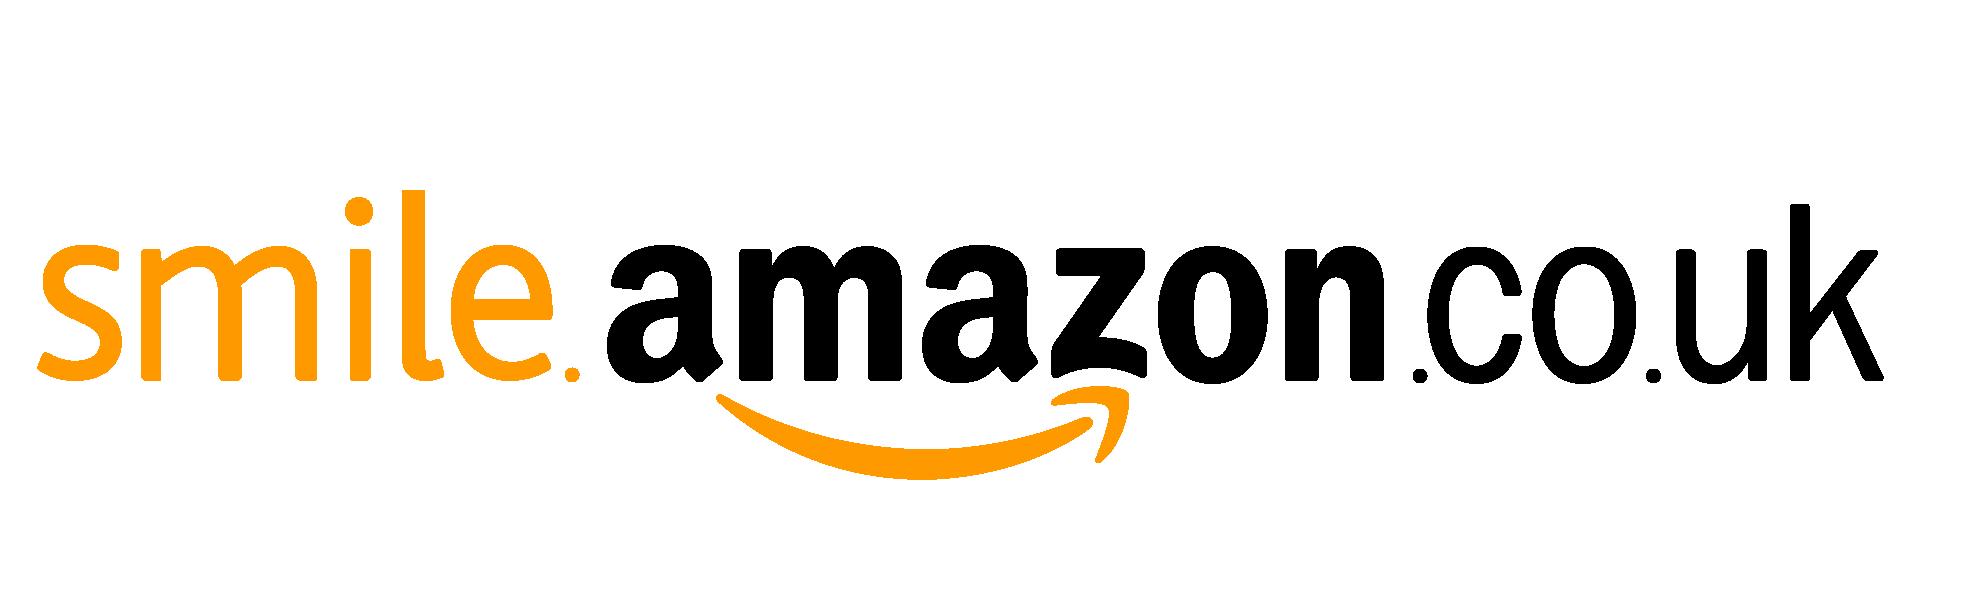 UK_AmazonSmile_Logos_RGB_black+orange_SMALL-ONLY